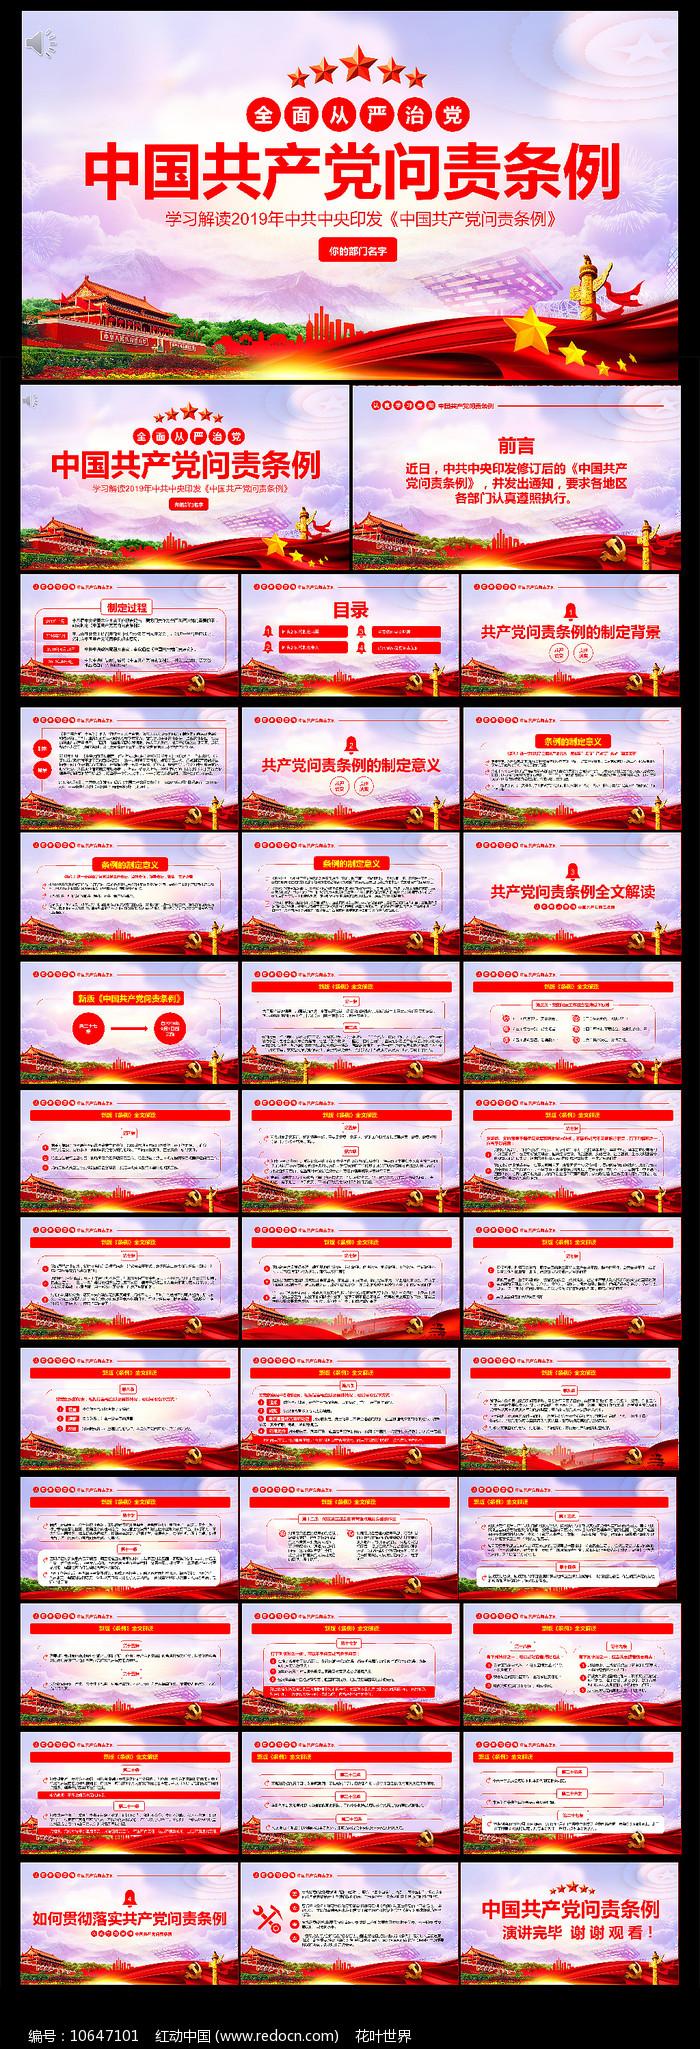 中国共产党问责条例ppt模板图片